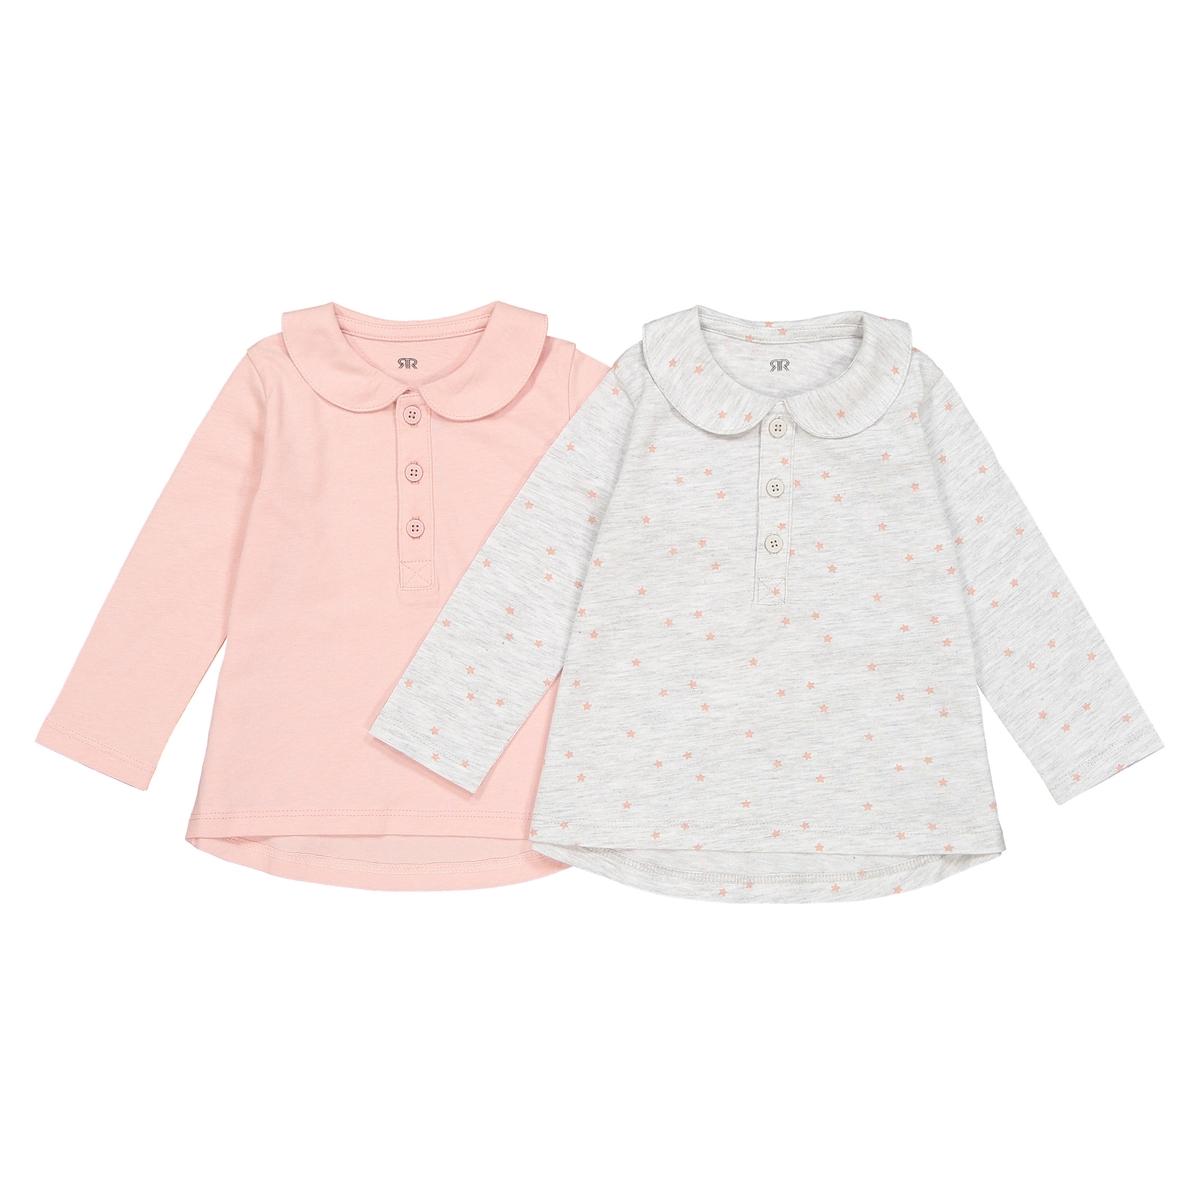 Confezione da 2 t-shirt colletto 1 mese - 3 anni